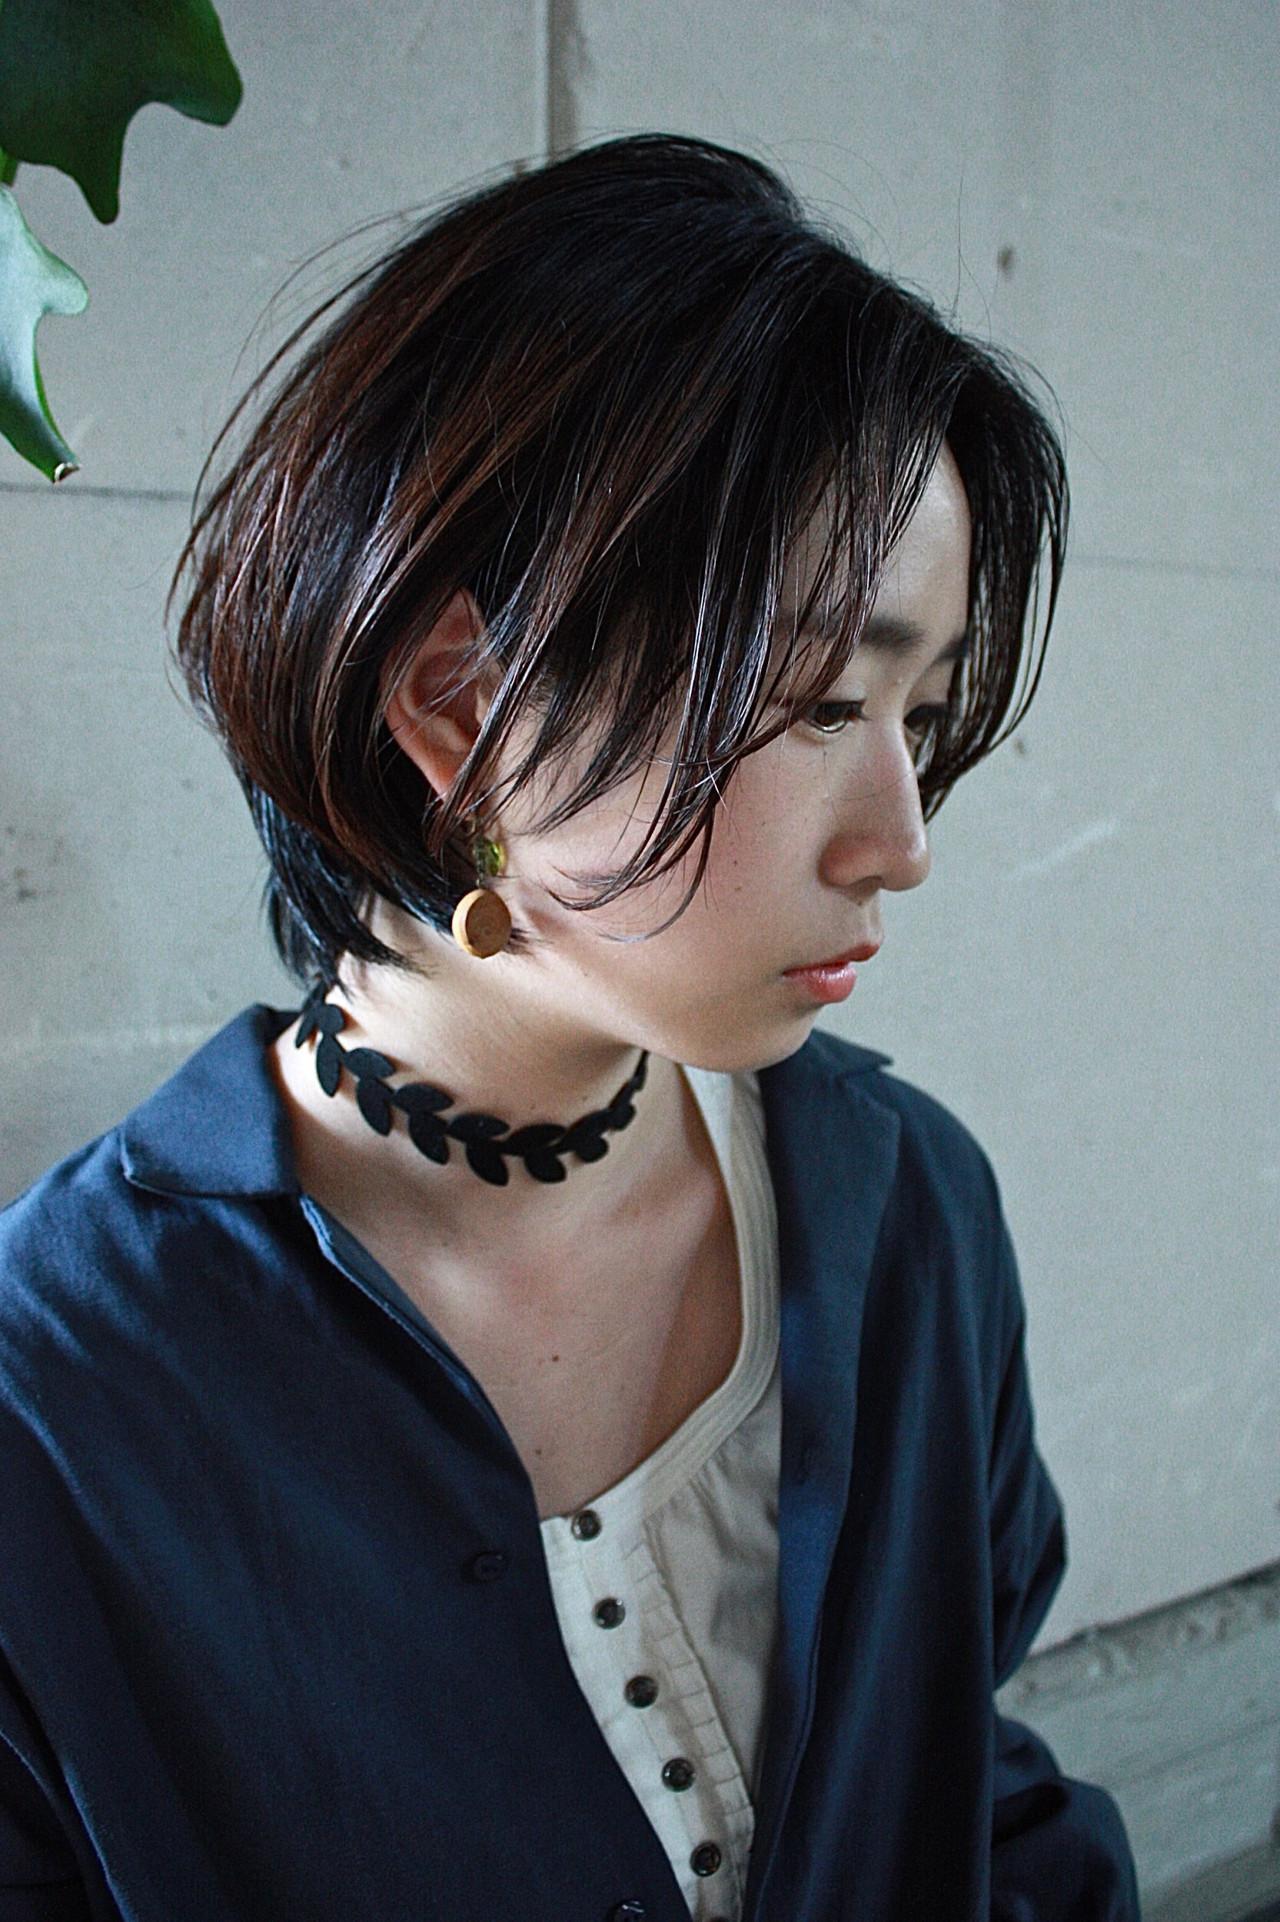 ショートボブ 大人カジュアル 暗髪 ハンサムショート ヘアスタイルや髪型の写真・画像